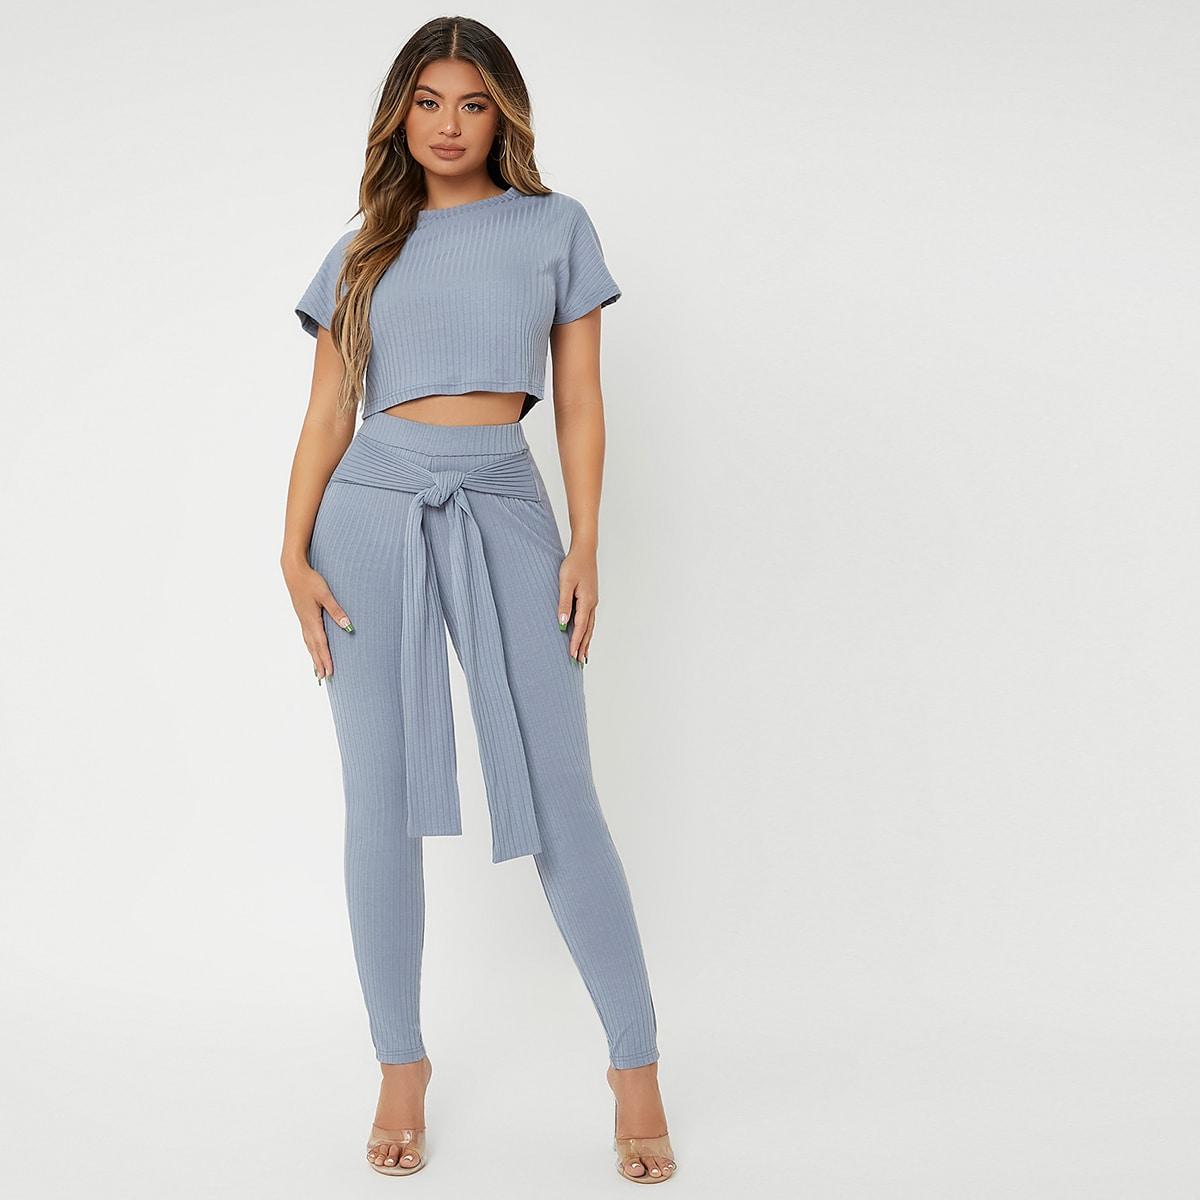 Rib Knit Crop Tee & Tie Front Skinny Pants